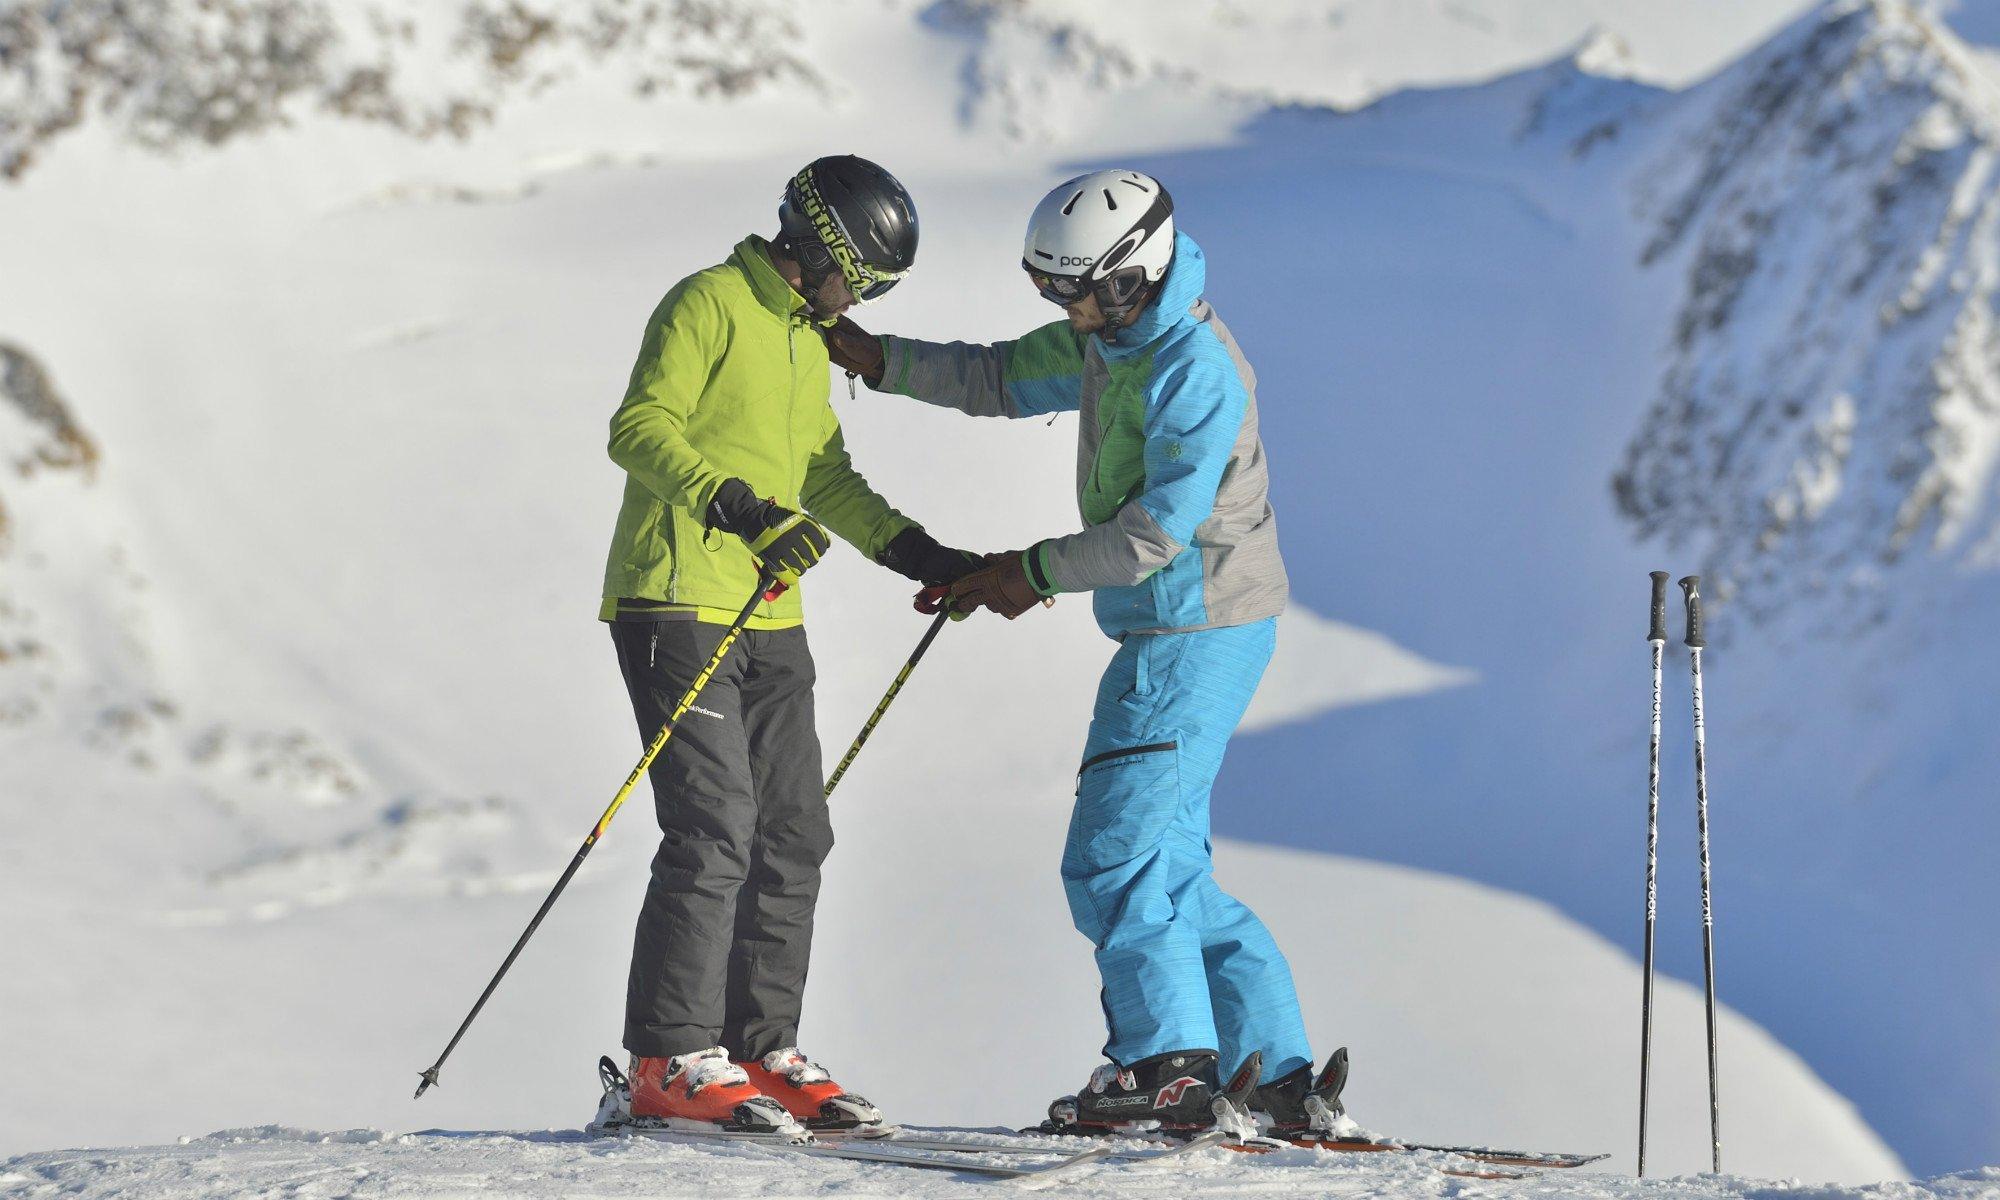 Un moniteur de ski aide son élève à prendre de l'assurance sur les skis.